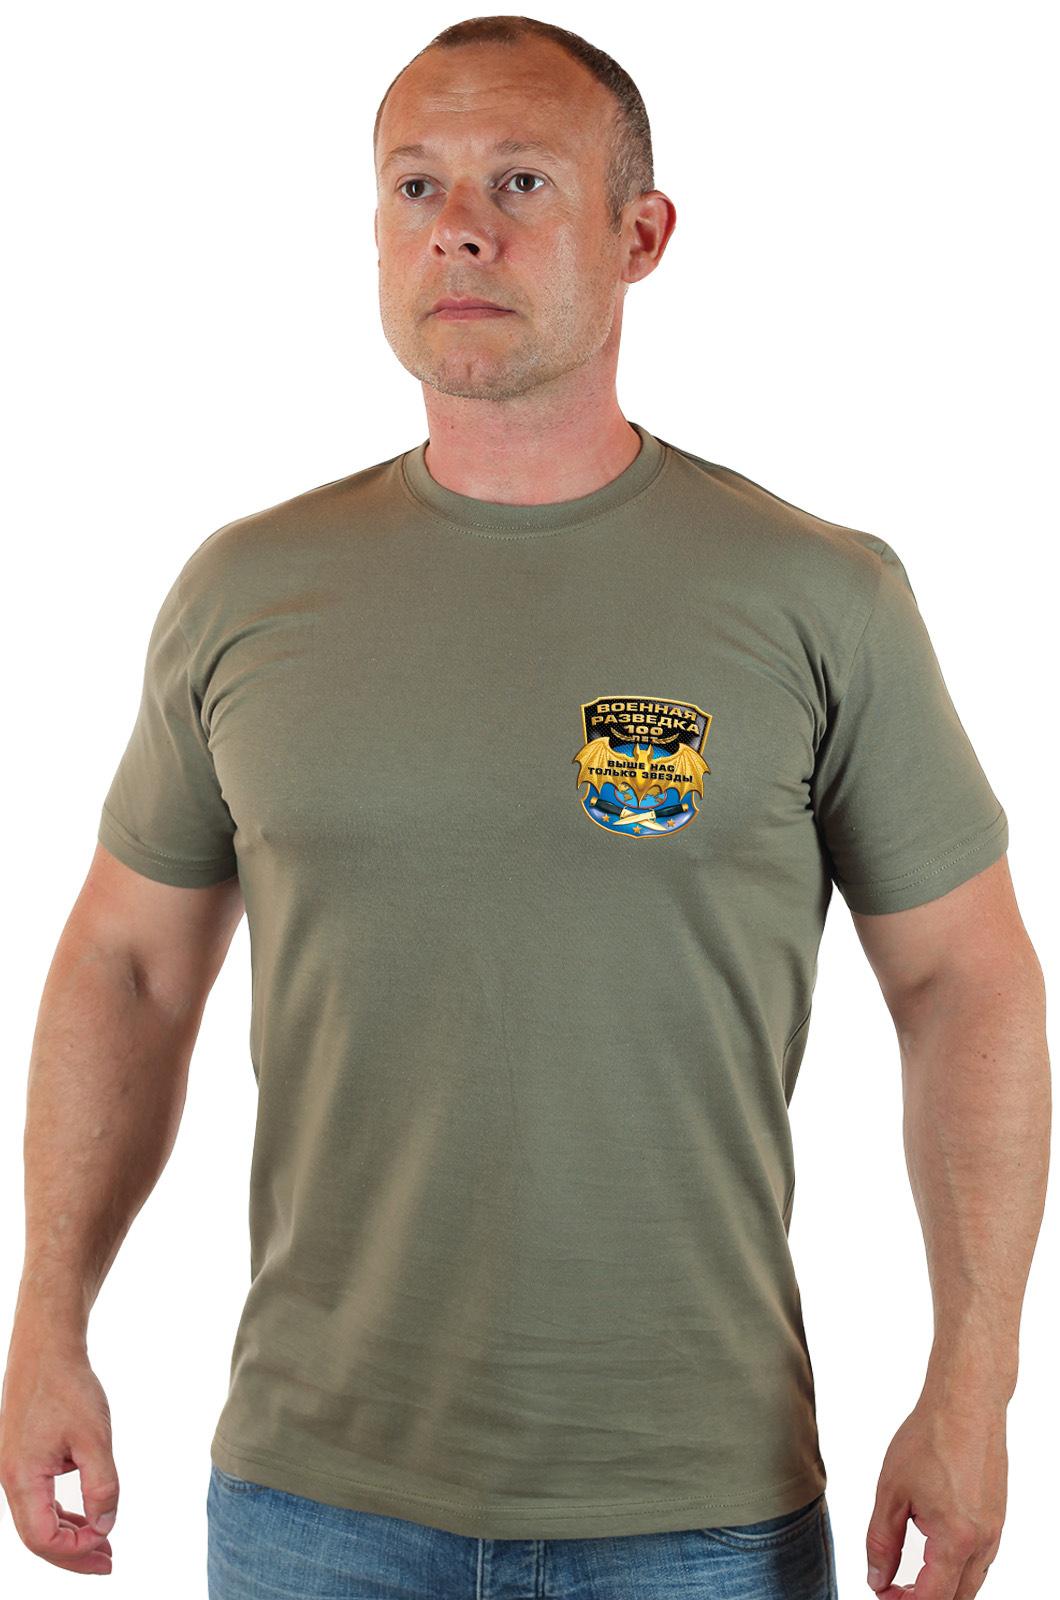 Купить универсальную футболку Военному разведчику оптом